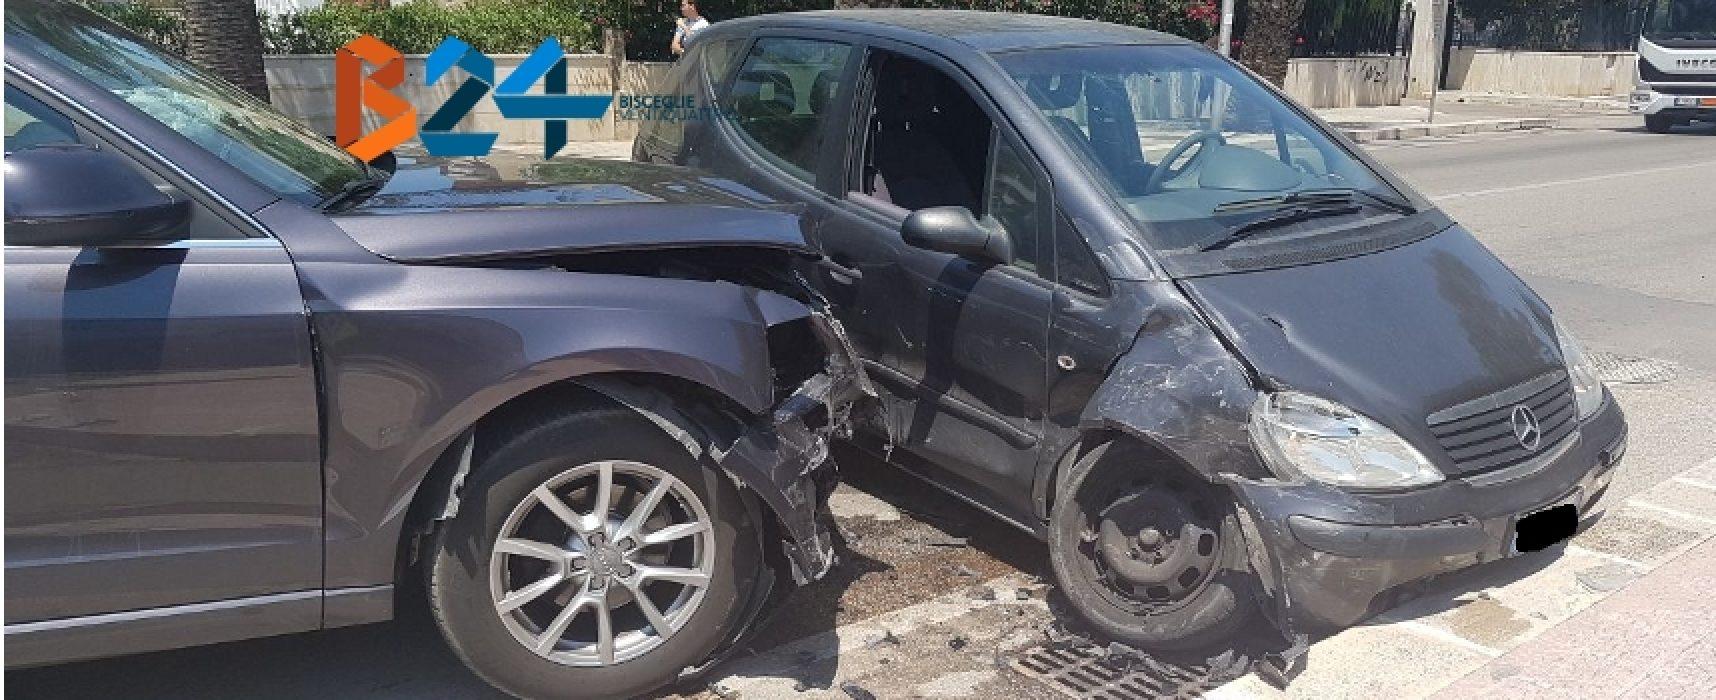 Incidente tra due auto in via sant'Andrea, una donna al pronto soccorso